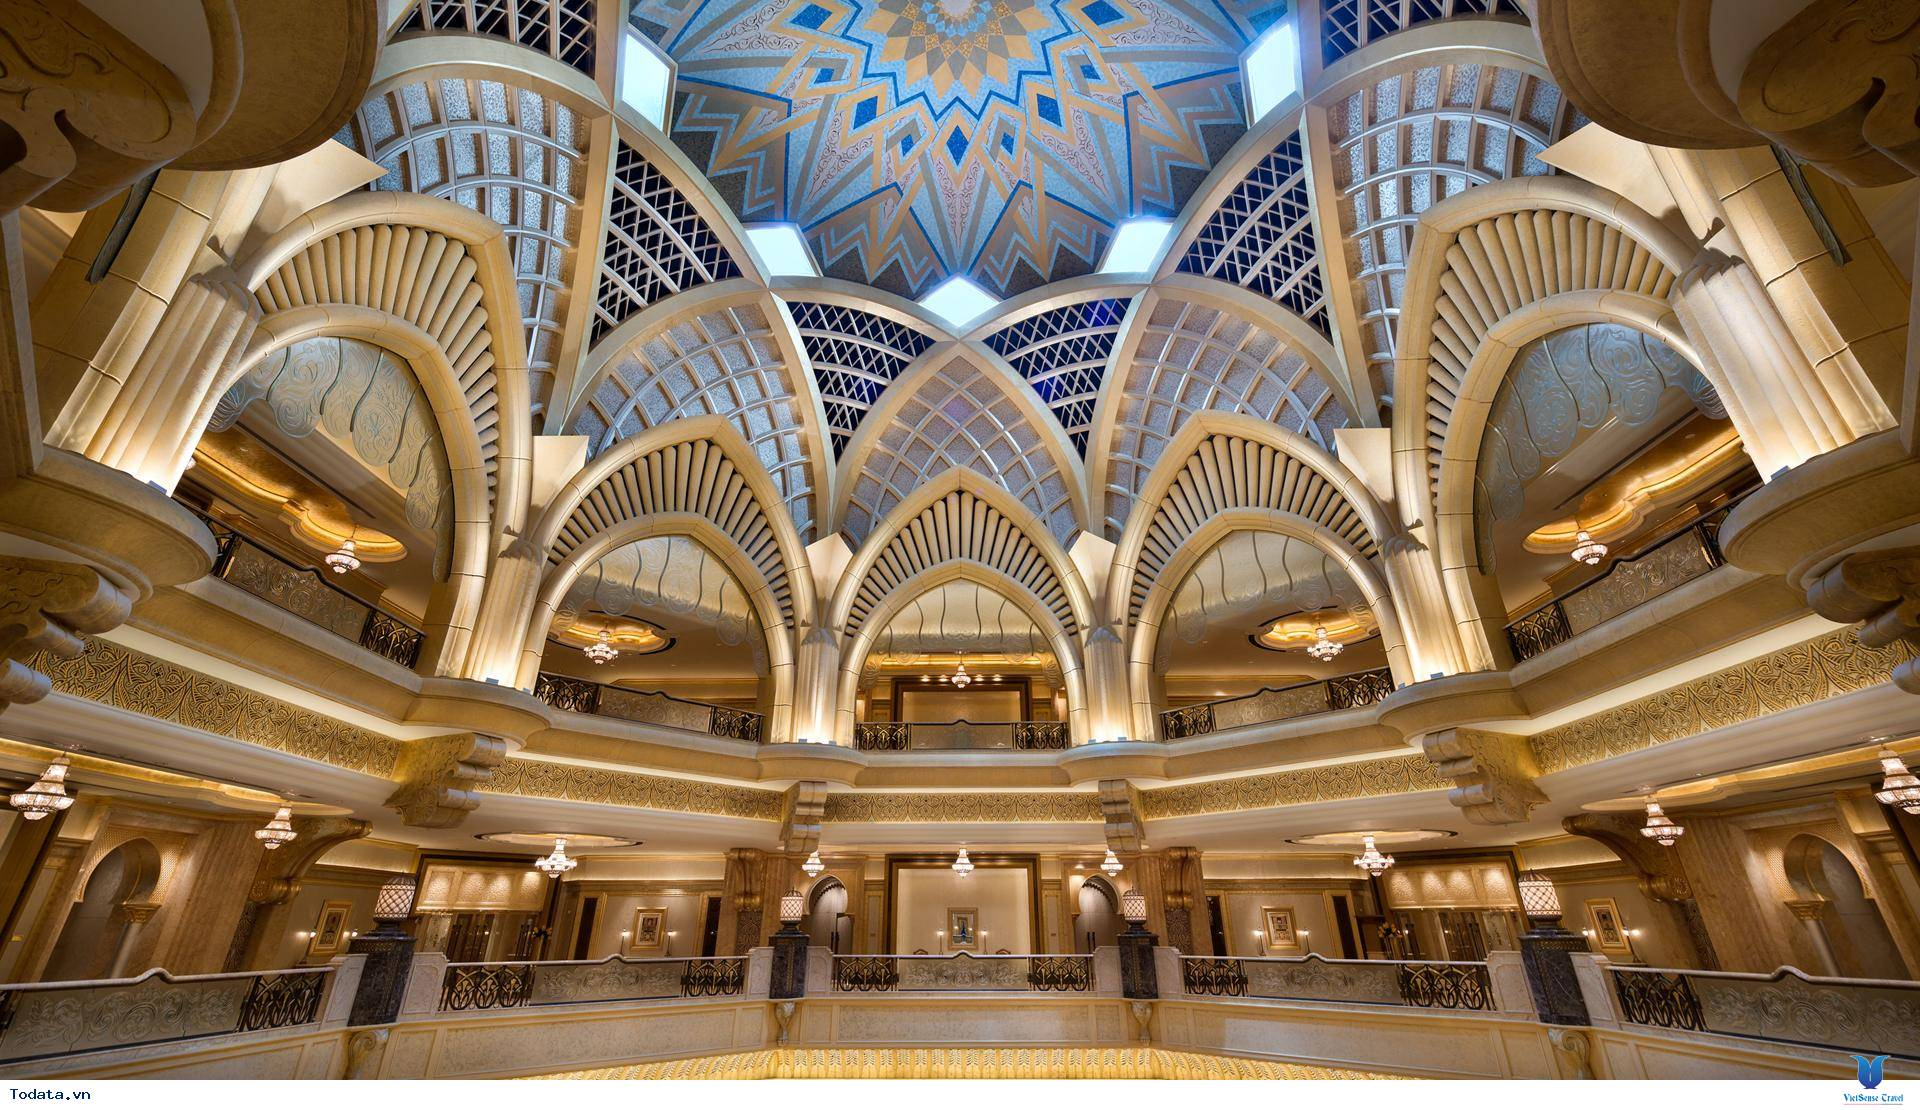 Khám Phá Khách Sạn 7 Sao Đẳng Cấp Emirates Palace - Ảnh 10